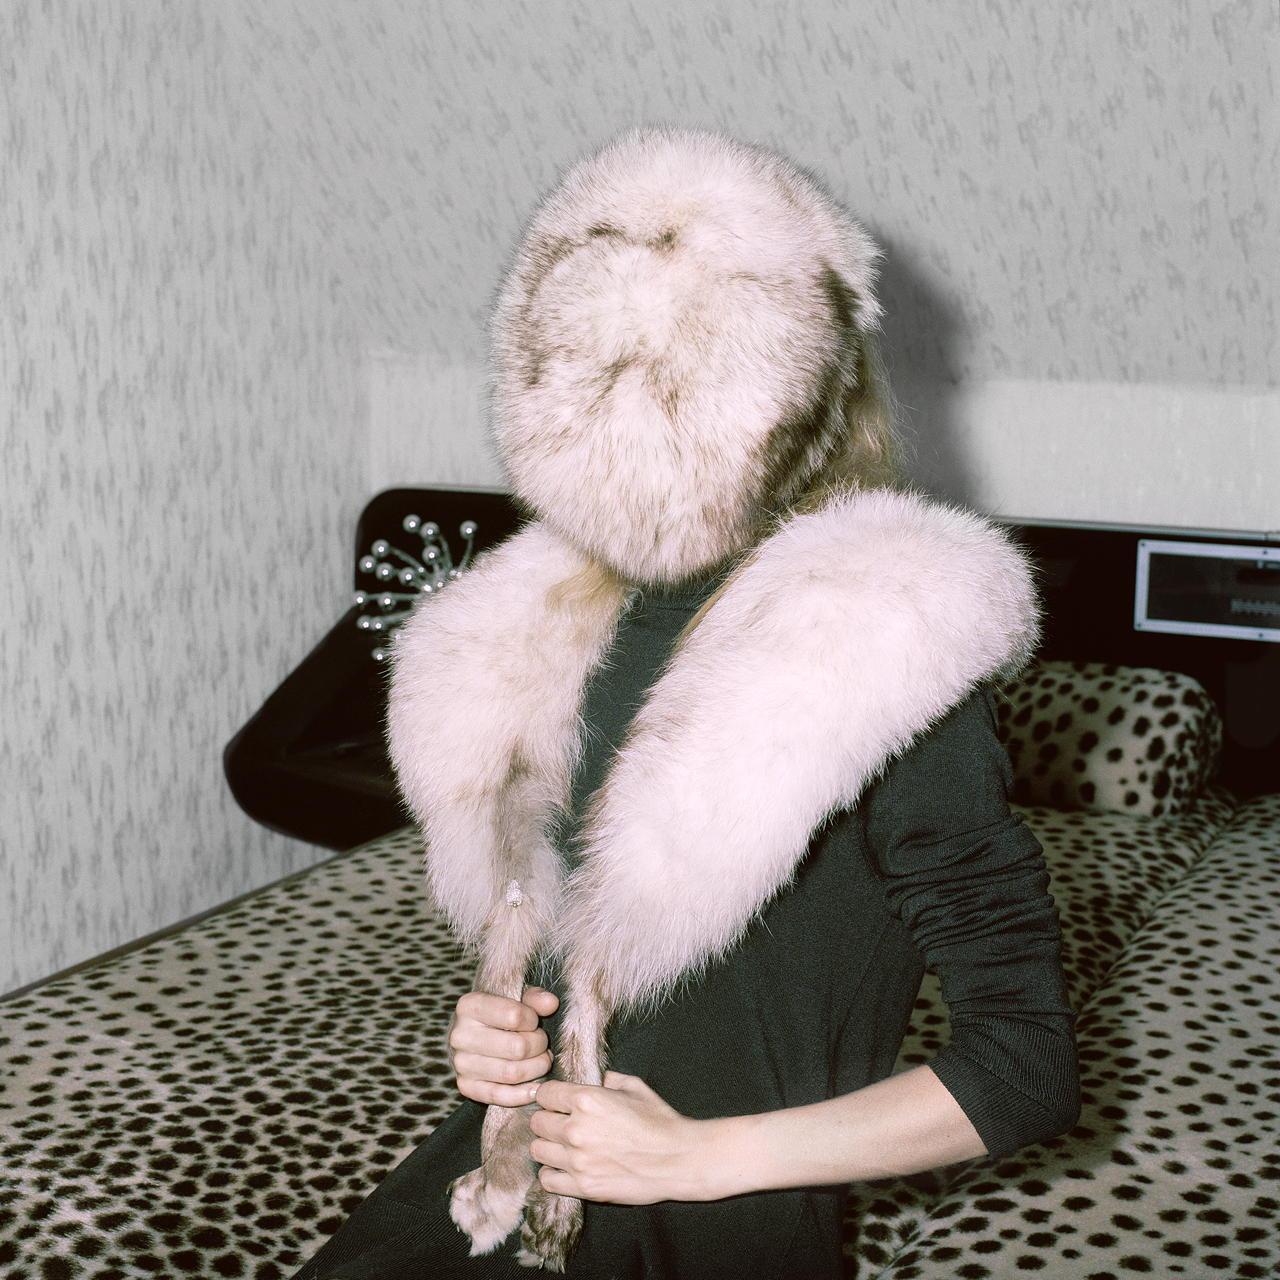 Nina Röder - wenn du gehen musst willst du doch auch bleiben - Felix Schoeller Photoaward